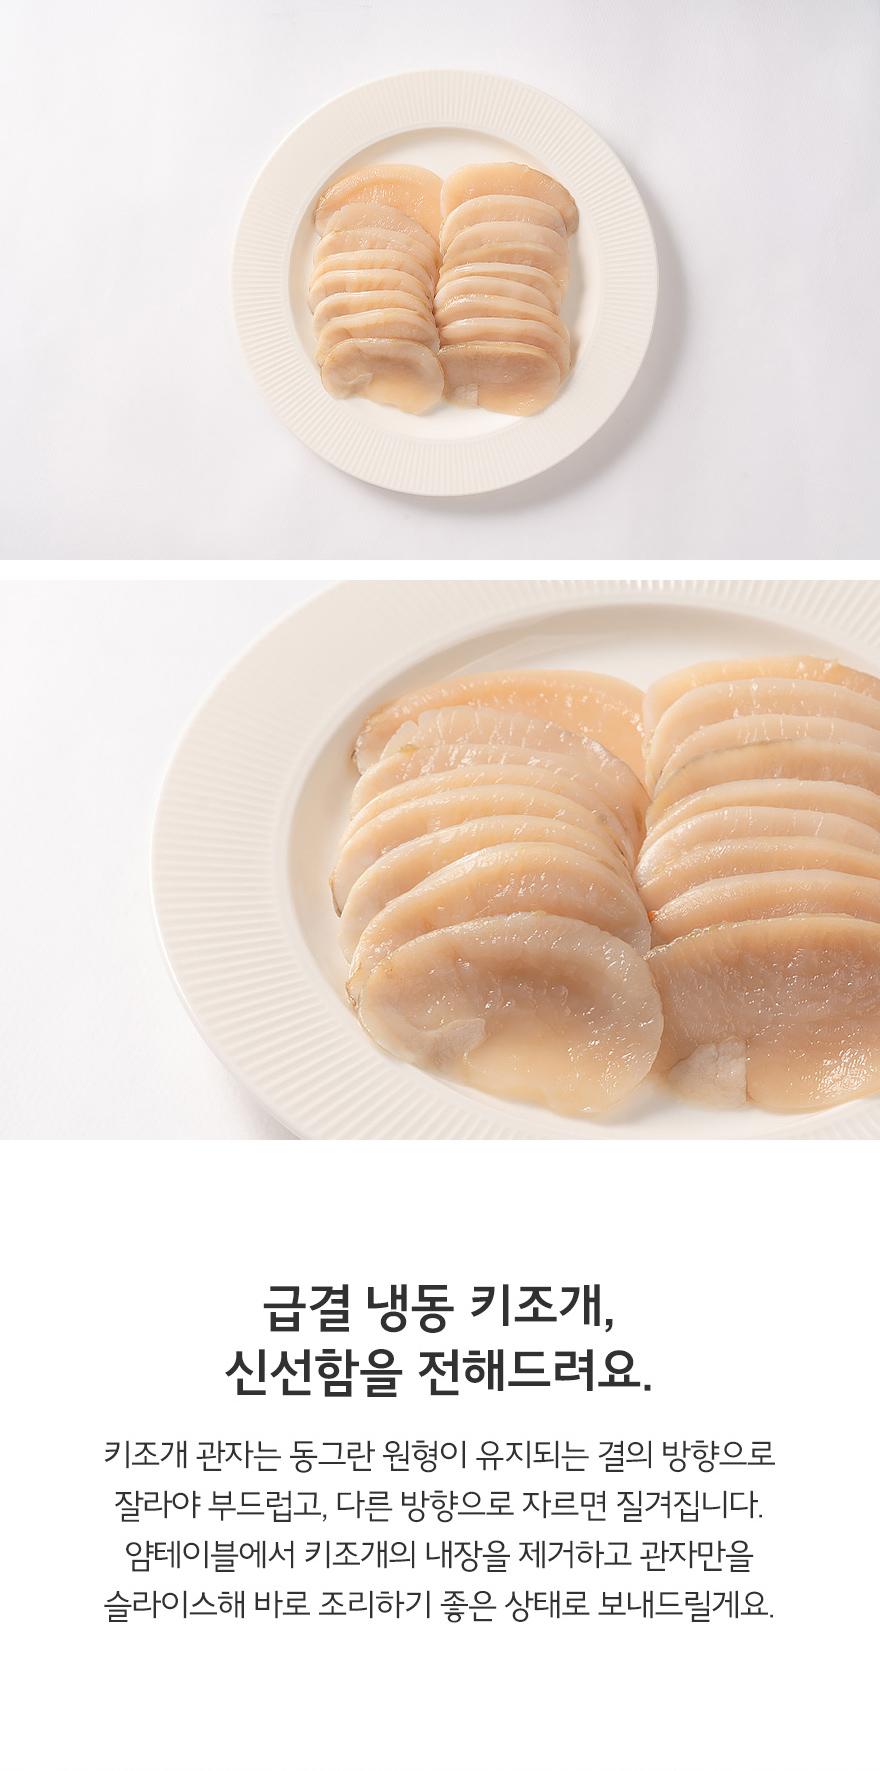 키조개슬라이스_03.jpg